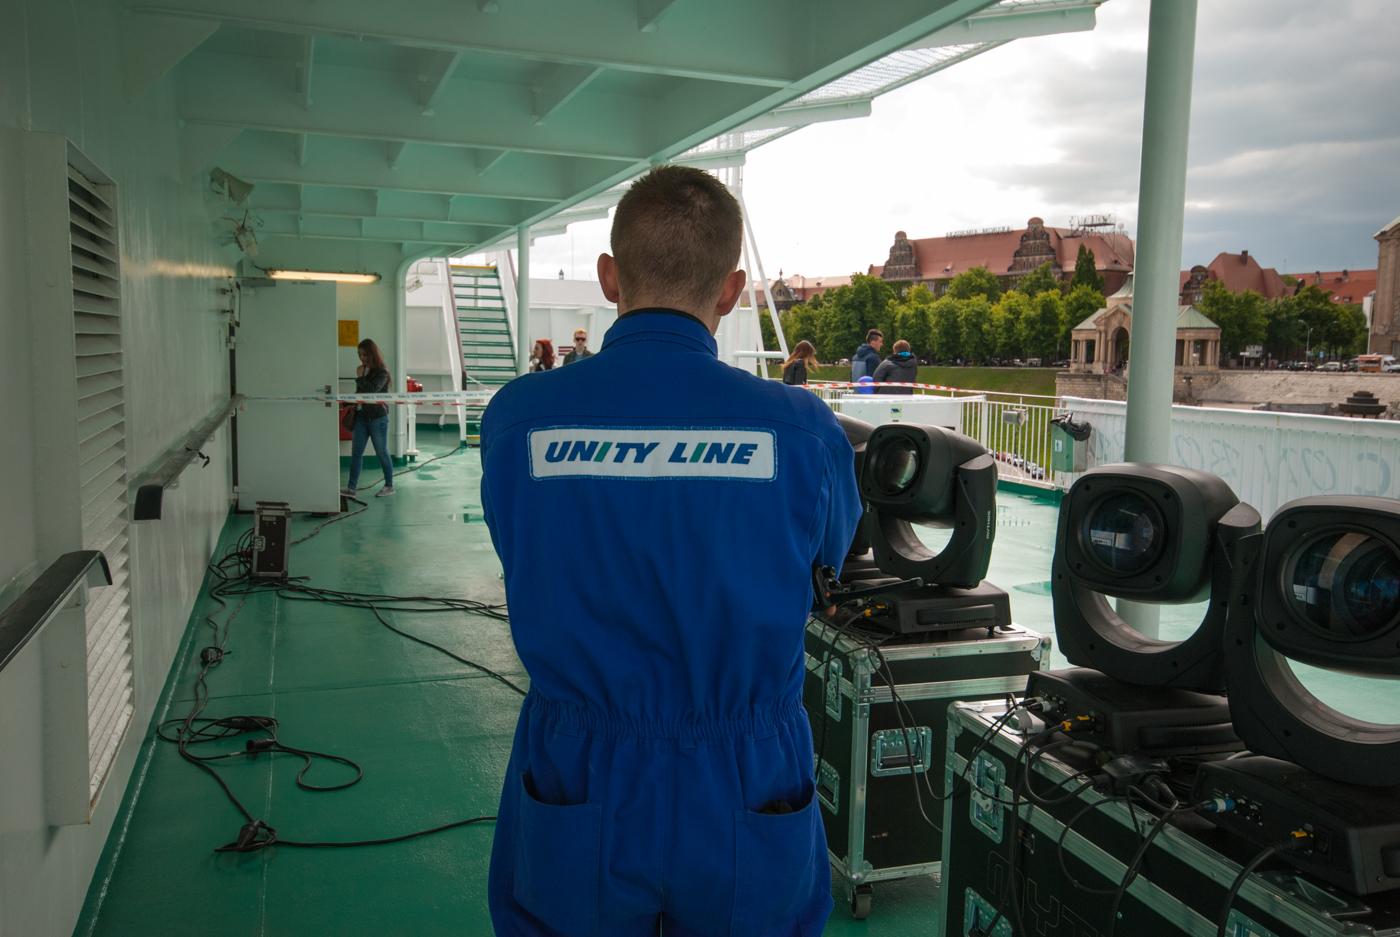 Załoga Unity Line czuwała nad bezpieczeństwem zwiedzających